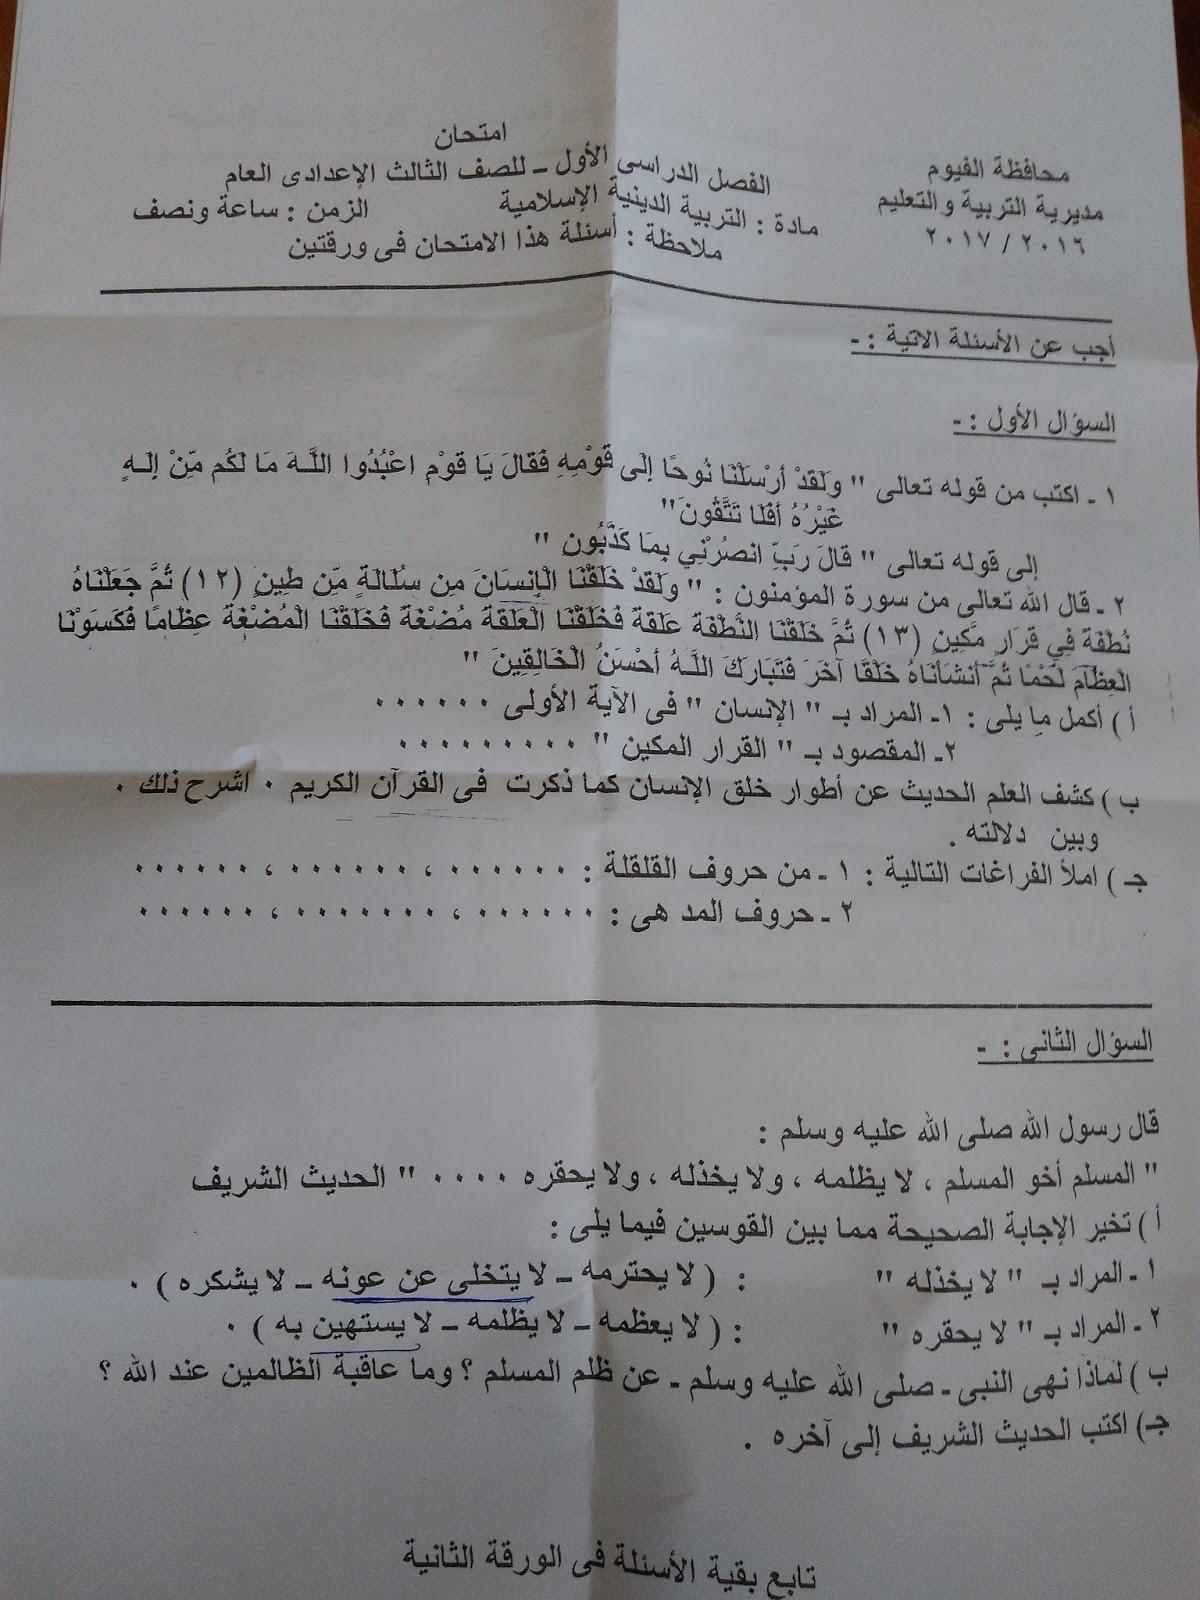 امتحان التربية الدينية محافظة الفيوم الصف الثالث الاعدادي الترم الاول